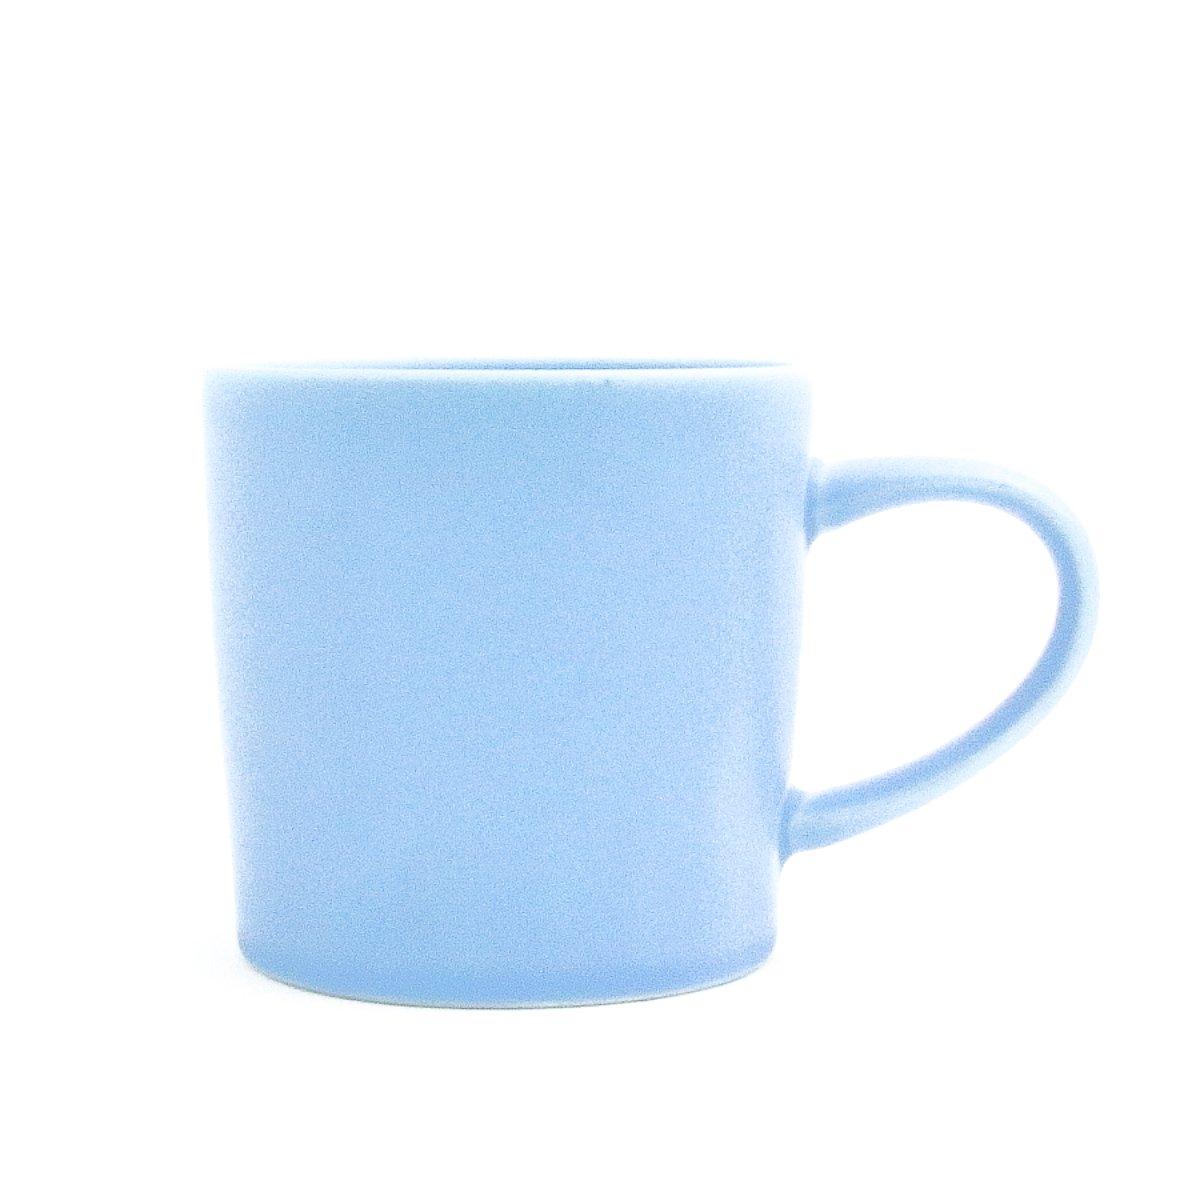 マグカップ S のっぽ スカイブルー 詳細画像1